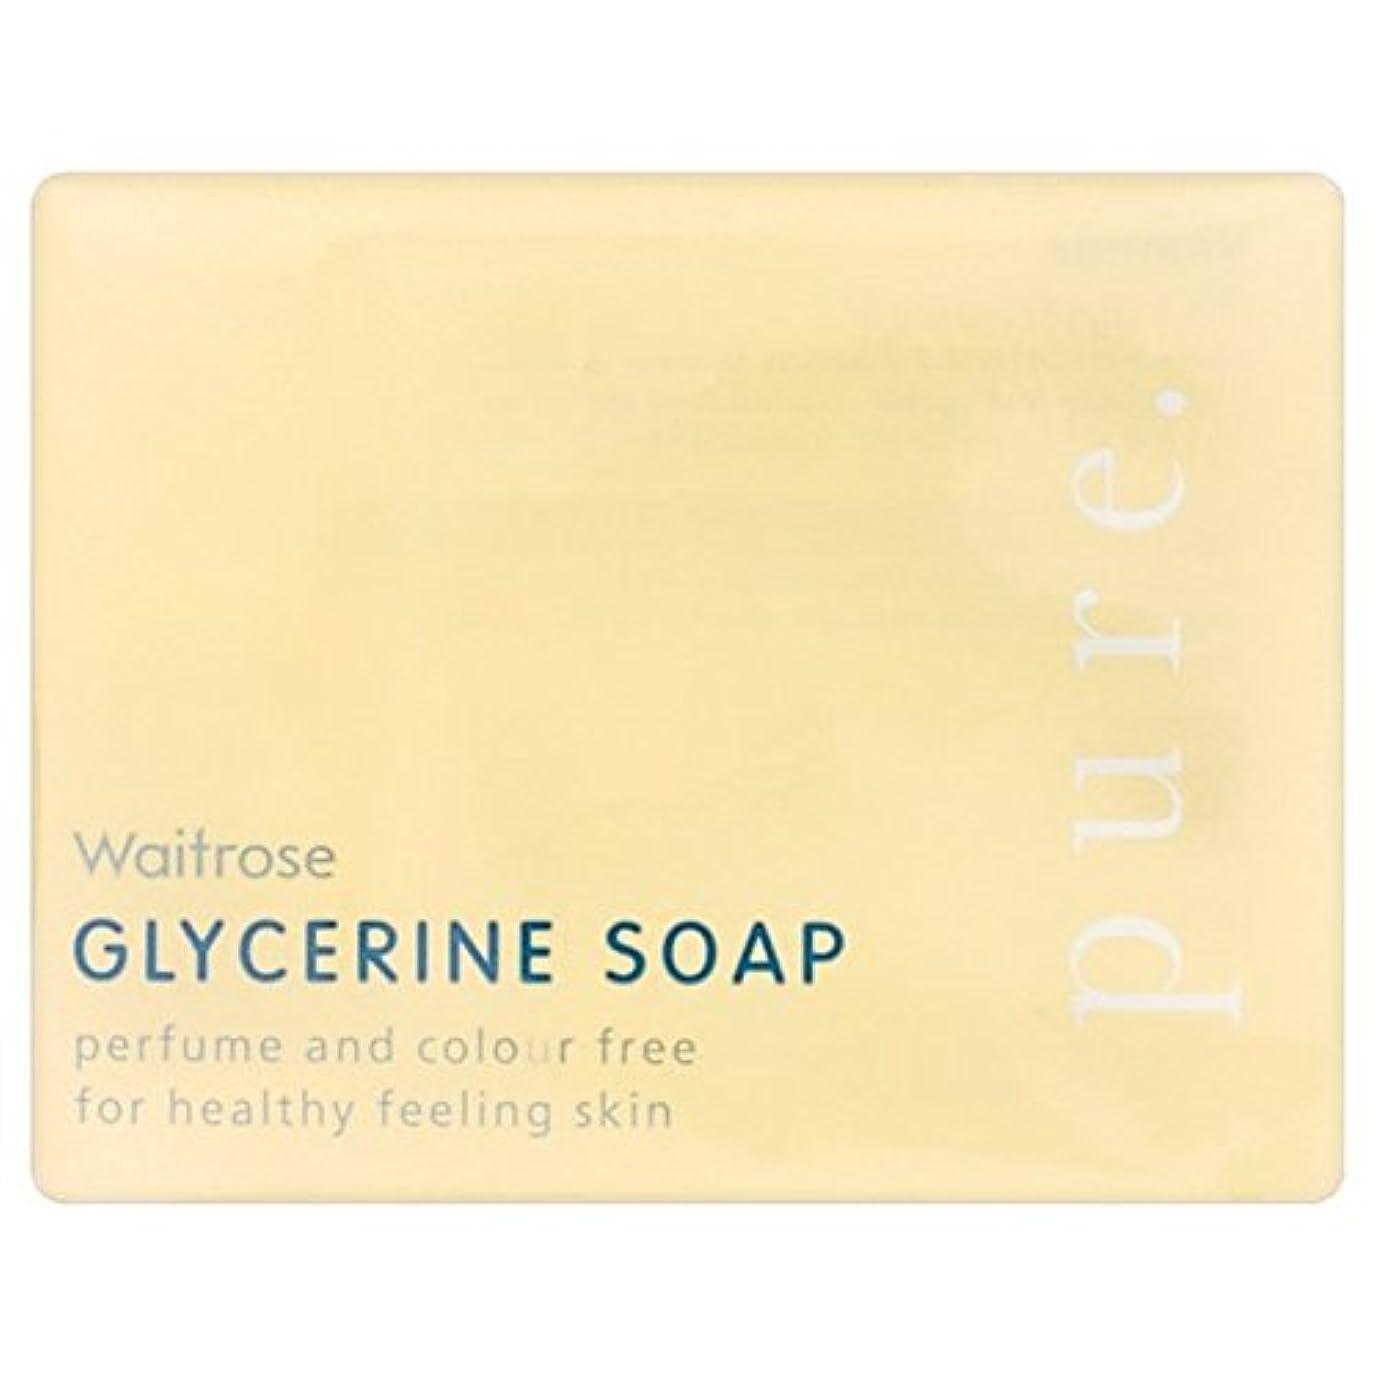 ポーク専門用語葉を集める純粋なグリセリンソープウェイトローズの100グラム x4 - Pure Glycerine Soap Waitrose 100g (Pack of 4) [並行輸入品]